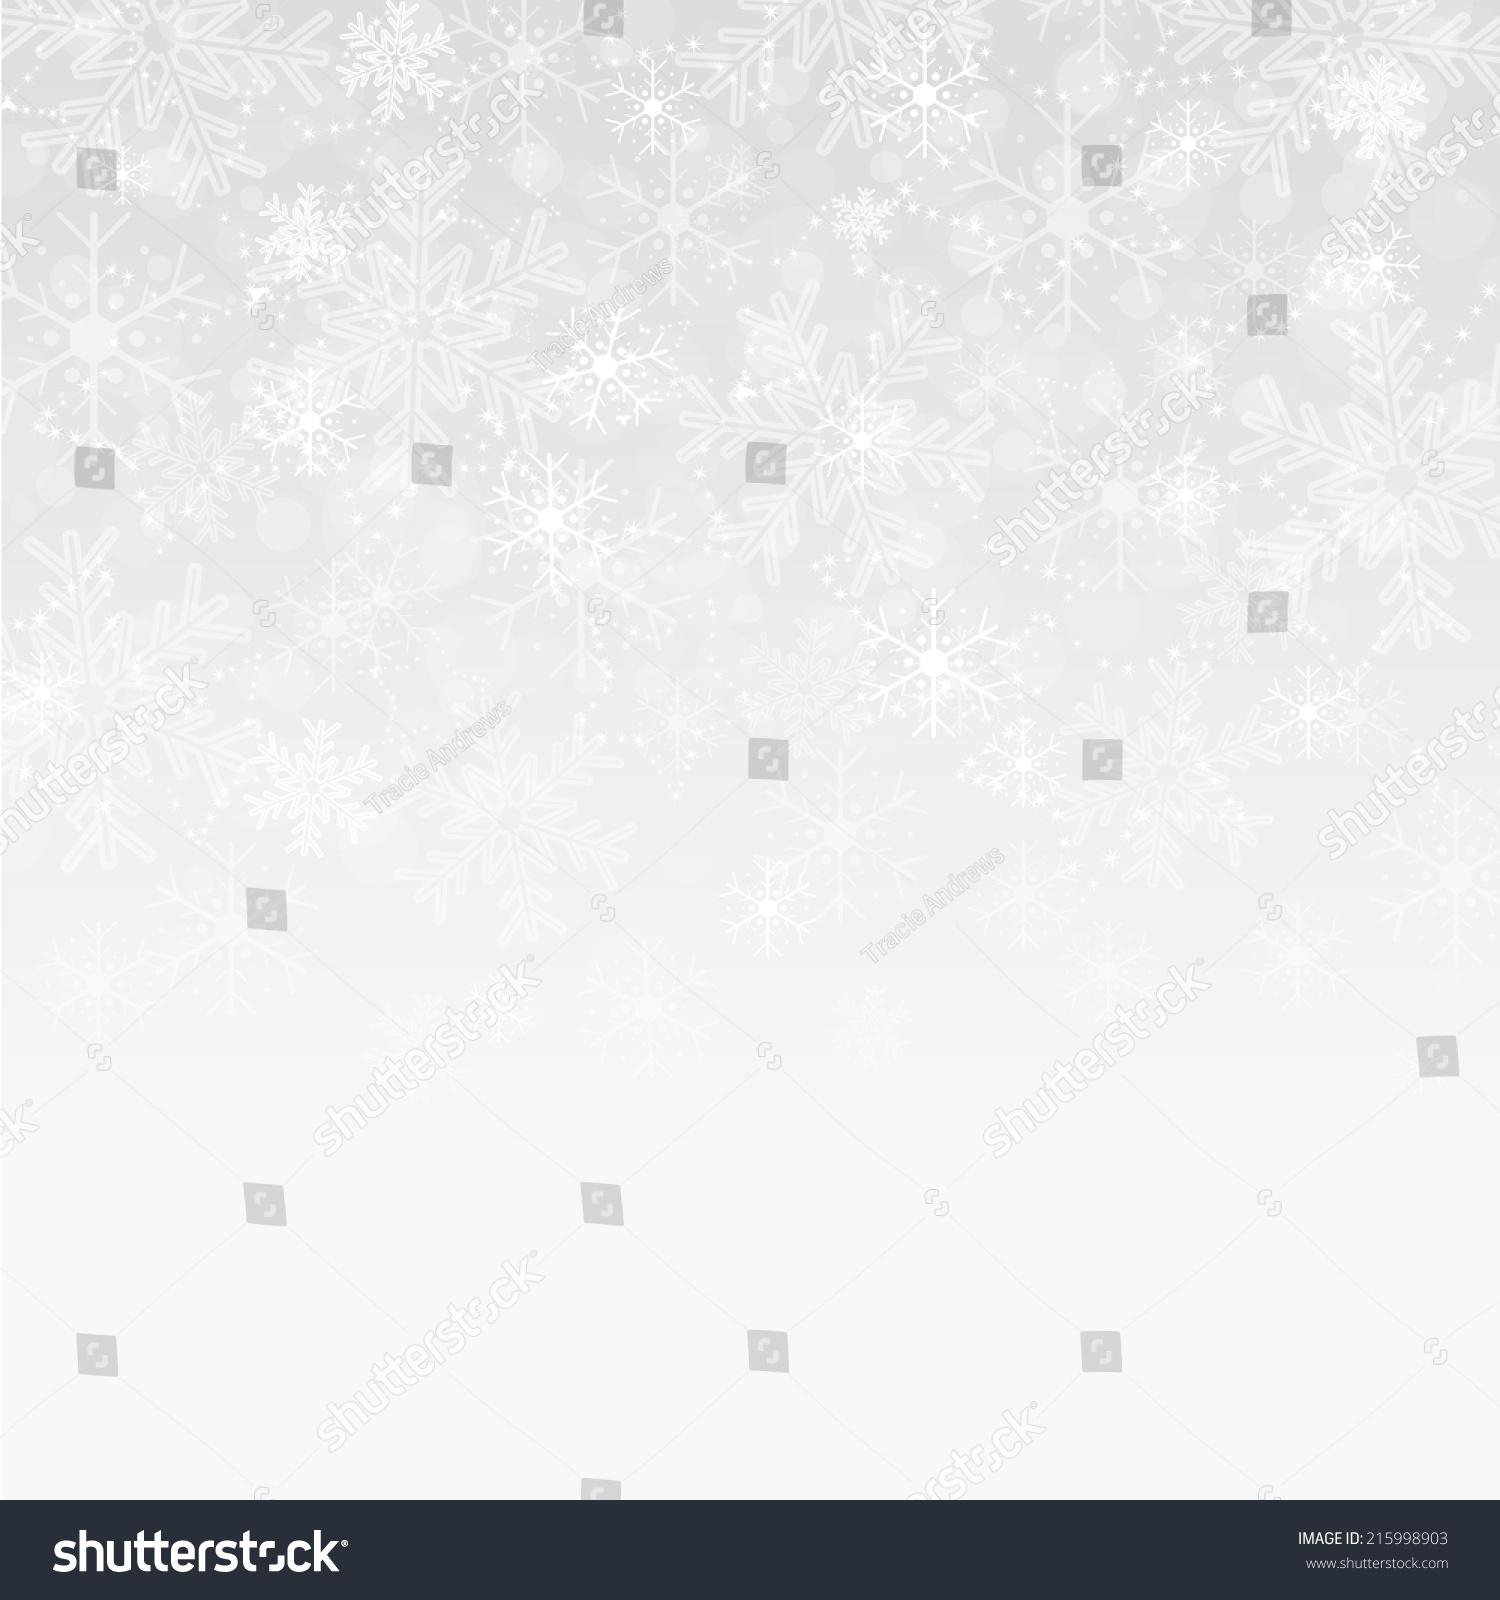 银色和白色雪花背景-背景/素材,假期-海洛创意()-中国